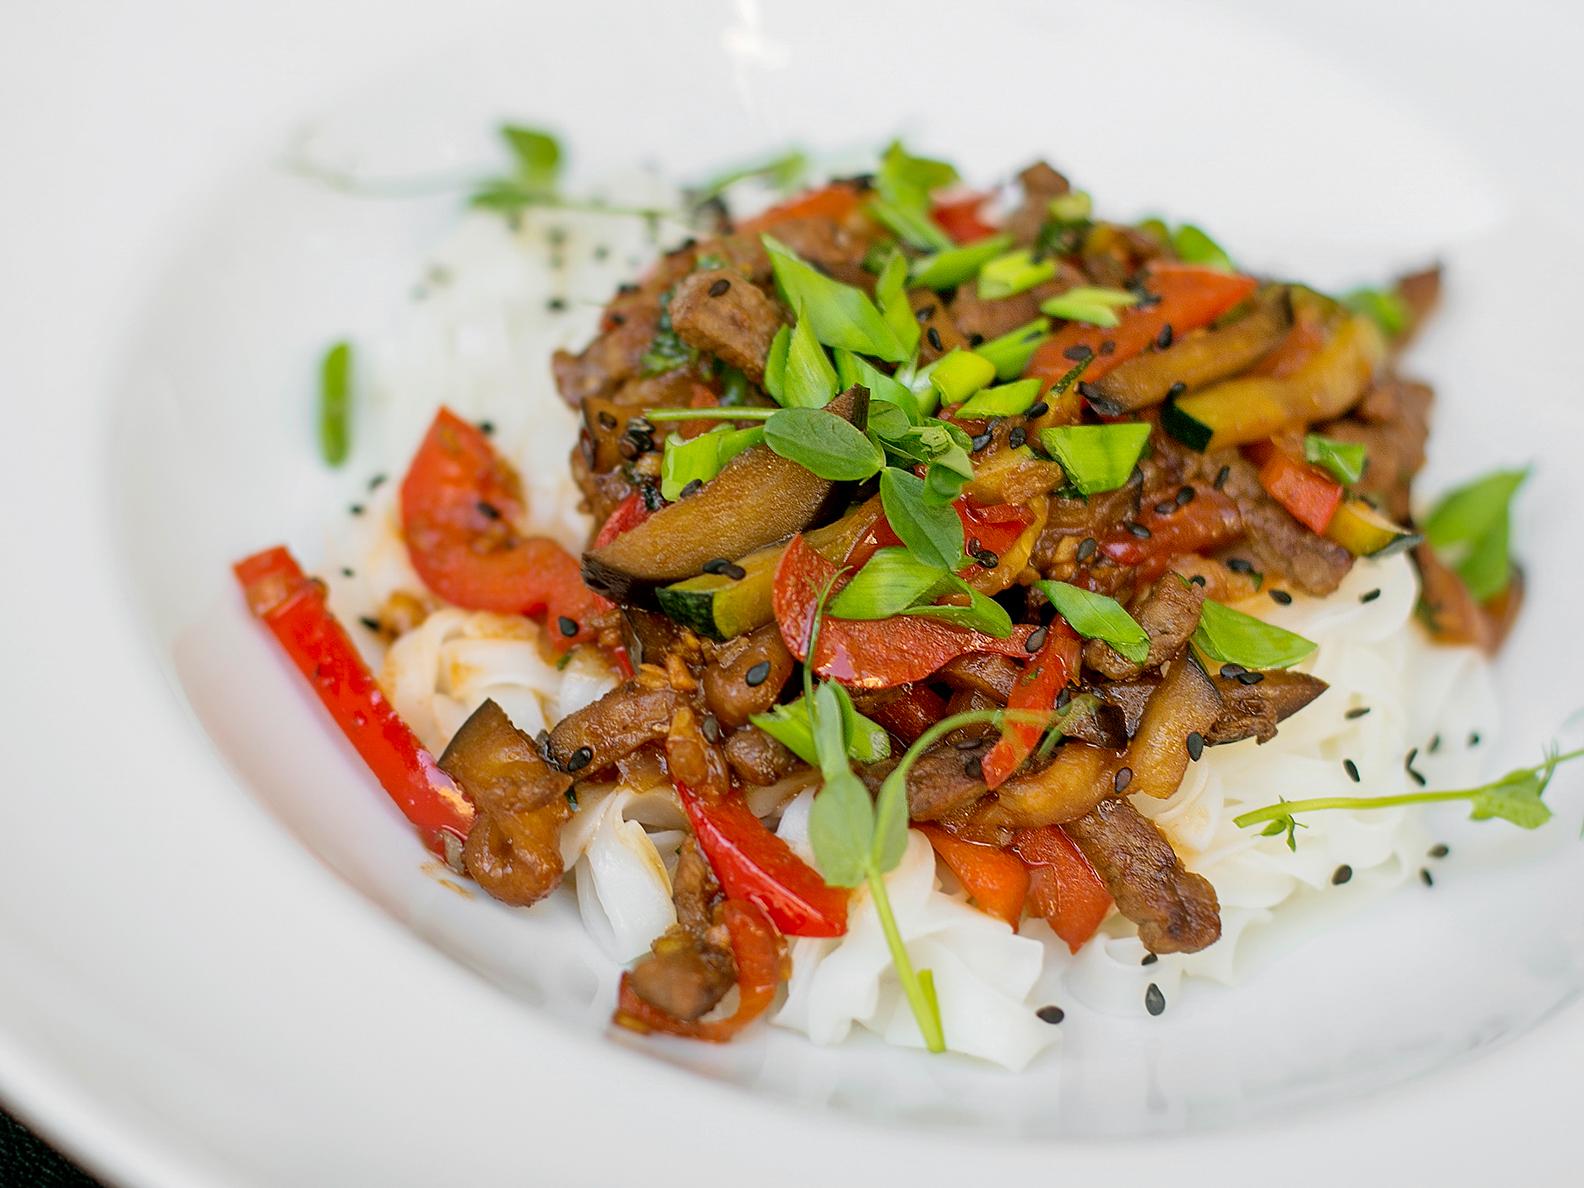 Говядина с овощами и рисовой лапшой